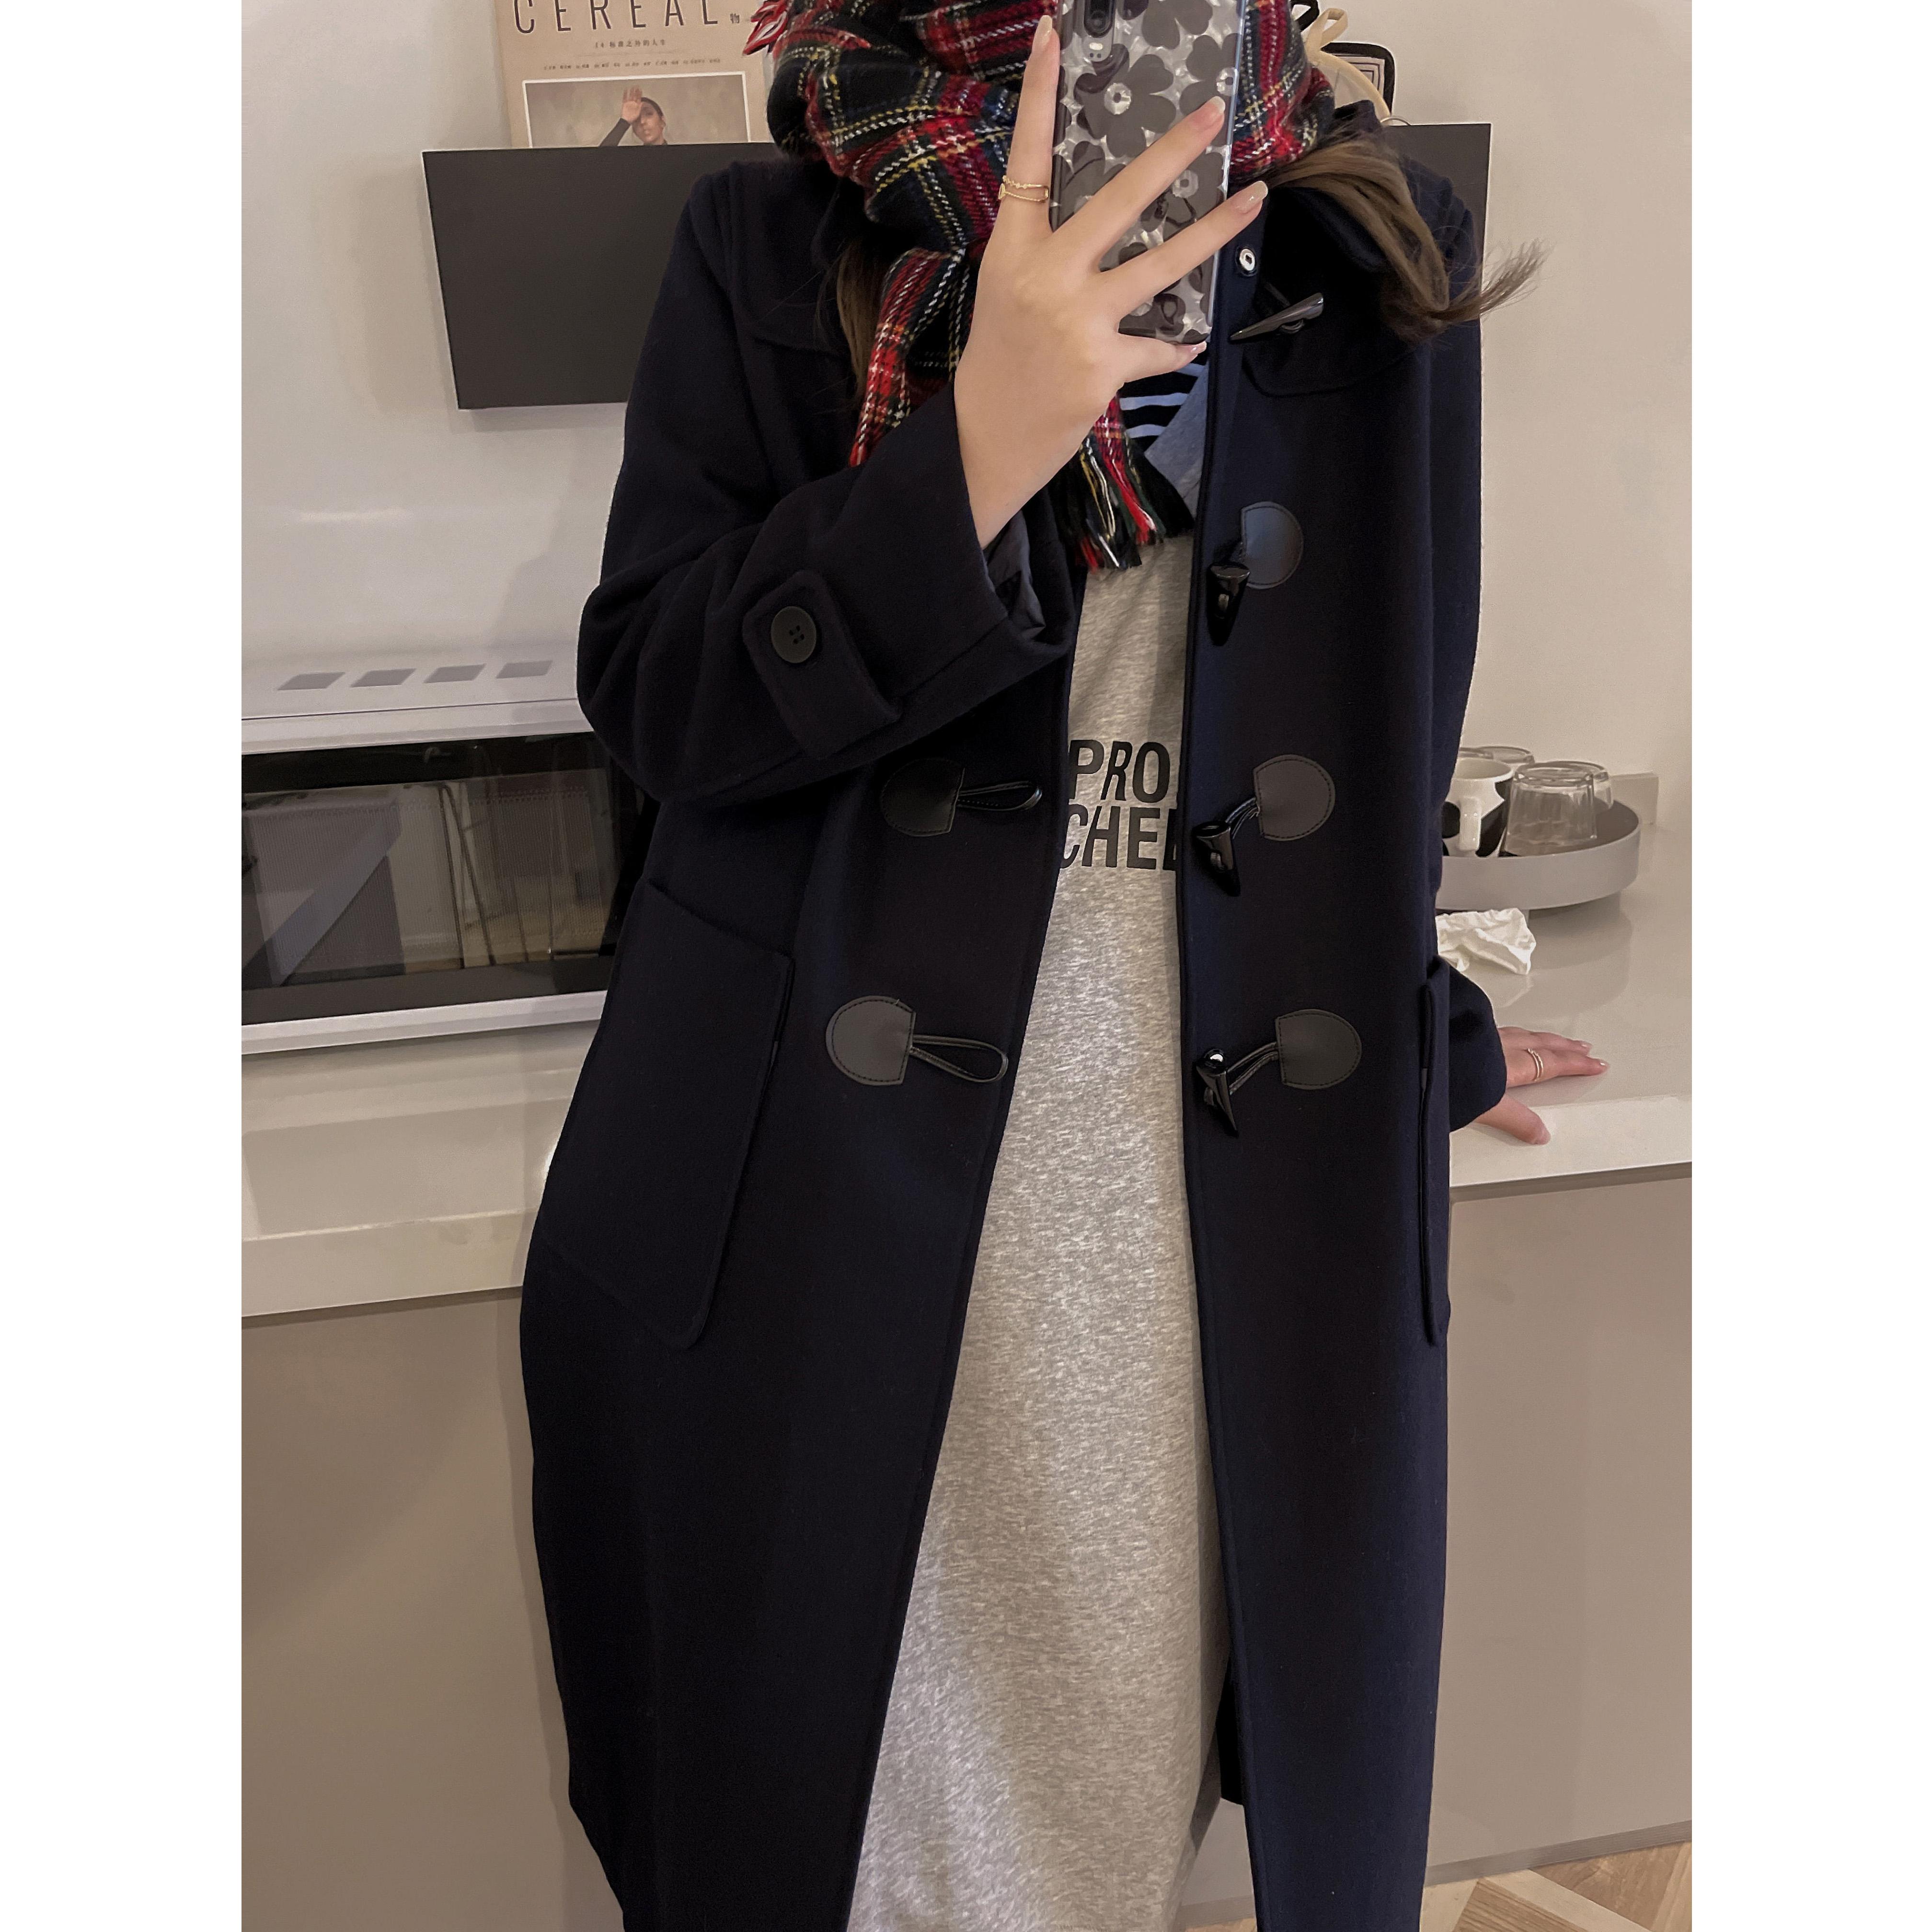 外套 2021秋冬新款加厚学院风连帽中长款牛角扣呢子大衣羊毛显瘦外套女_推荐淘宝好看的女外套